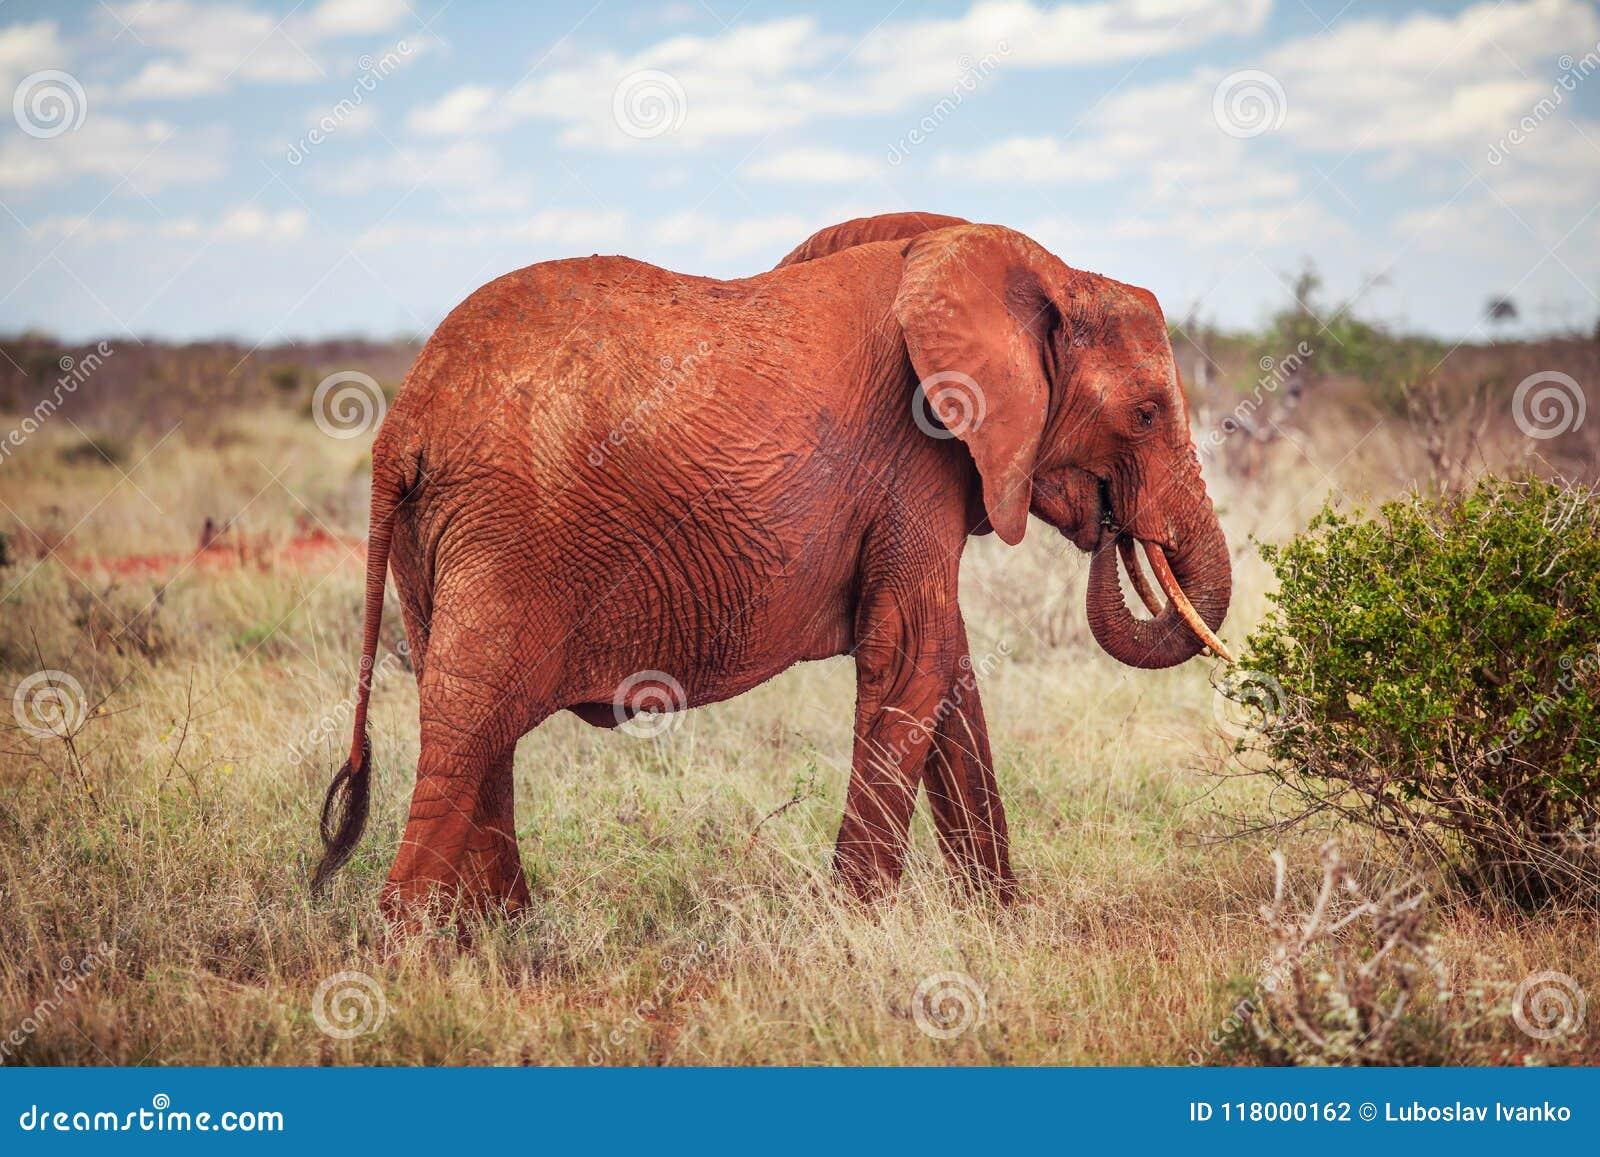 Afrykański krzaka słoń, loxodonta africana czerwień od pyłu feedin